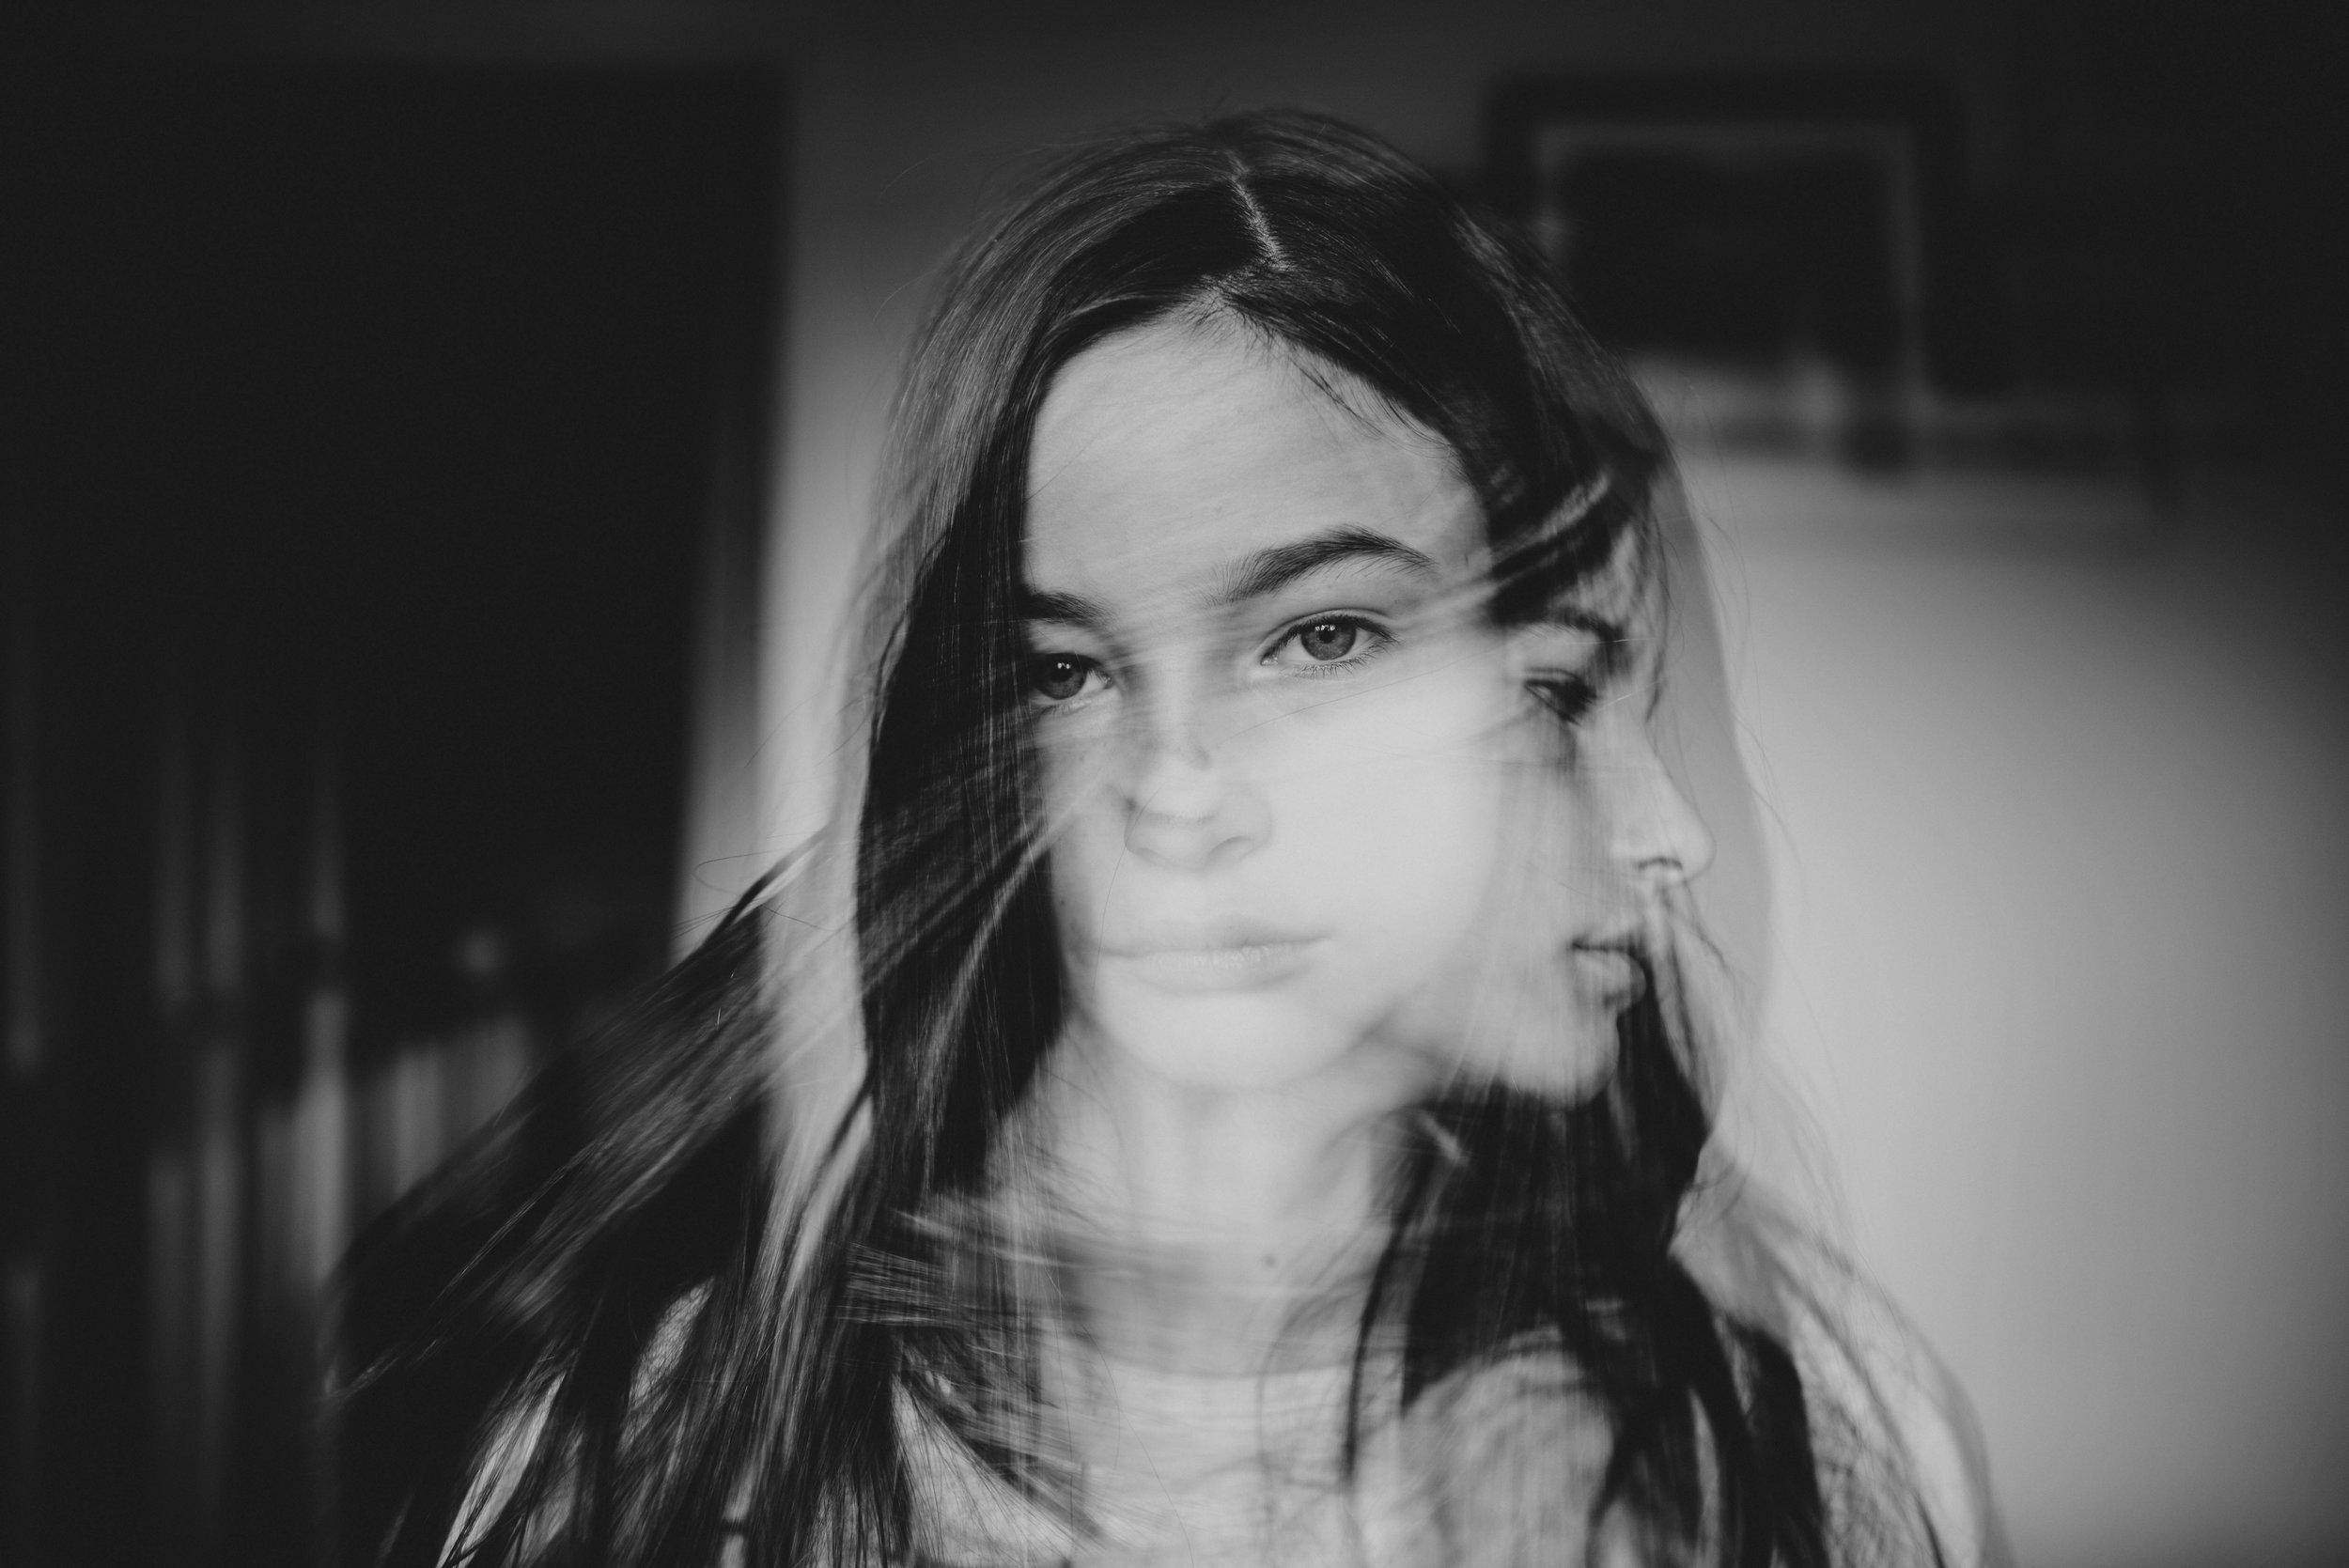 Double exposure of tween girl Essex UK Documentary Portrait Photographer